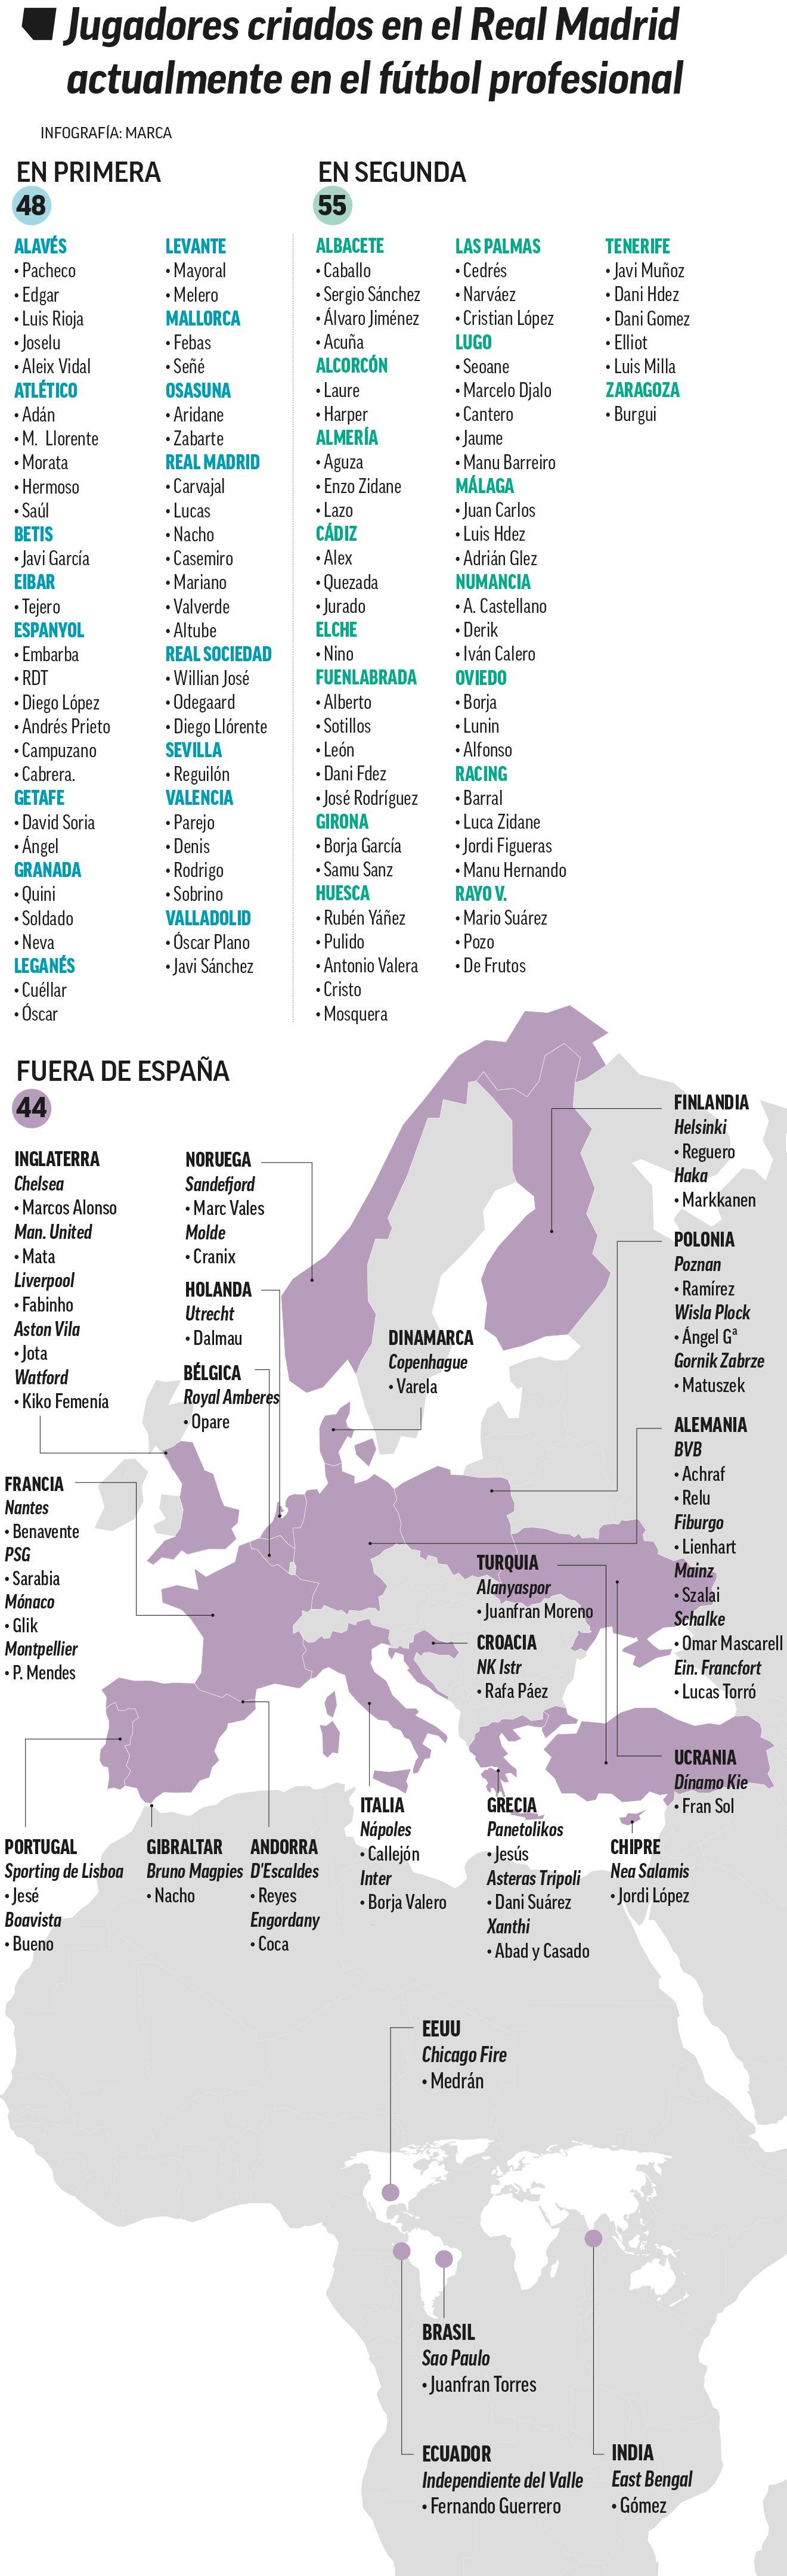 Infografía MARCA - Mayo 2020